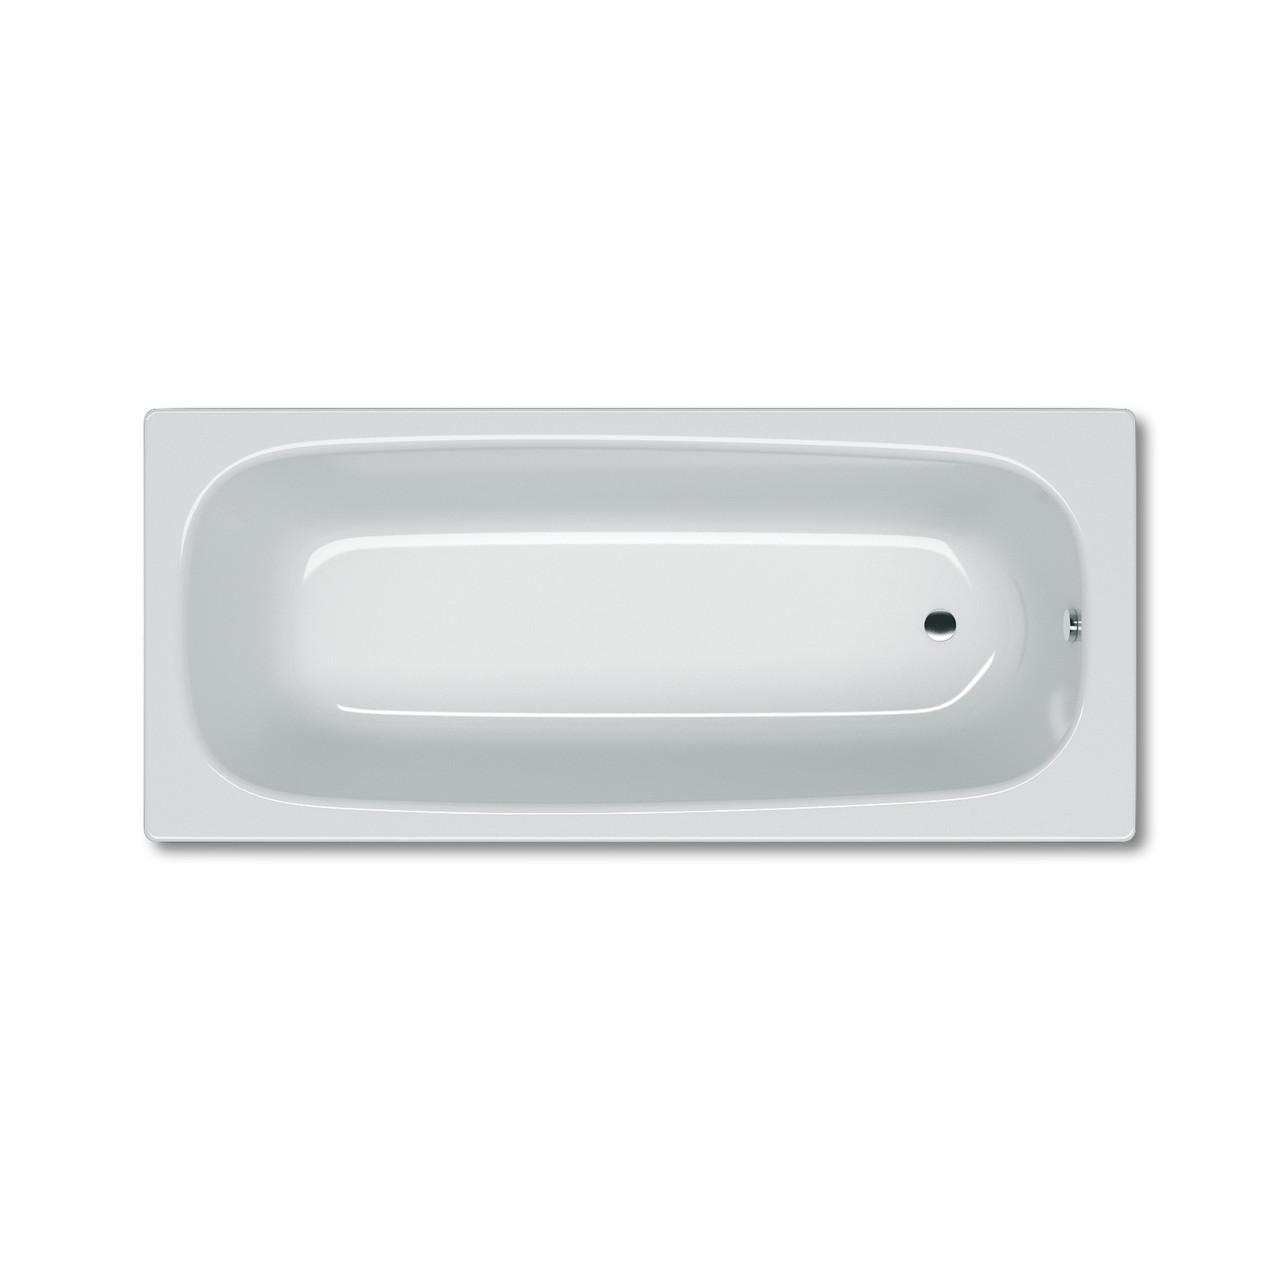 Ванна Koller Pool Універсальний, 150x70